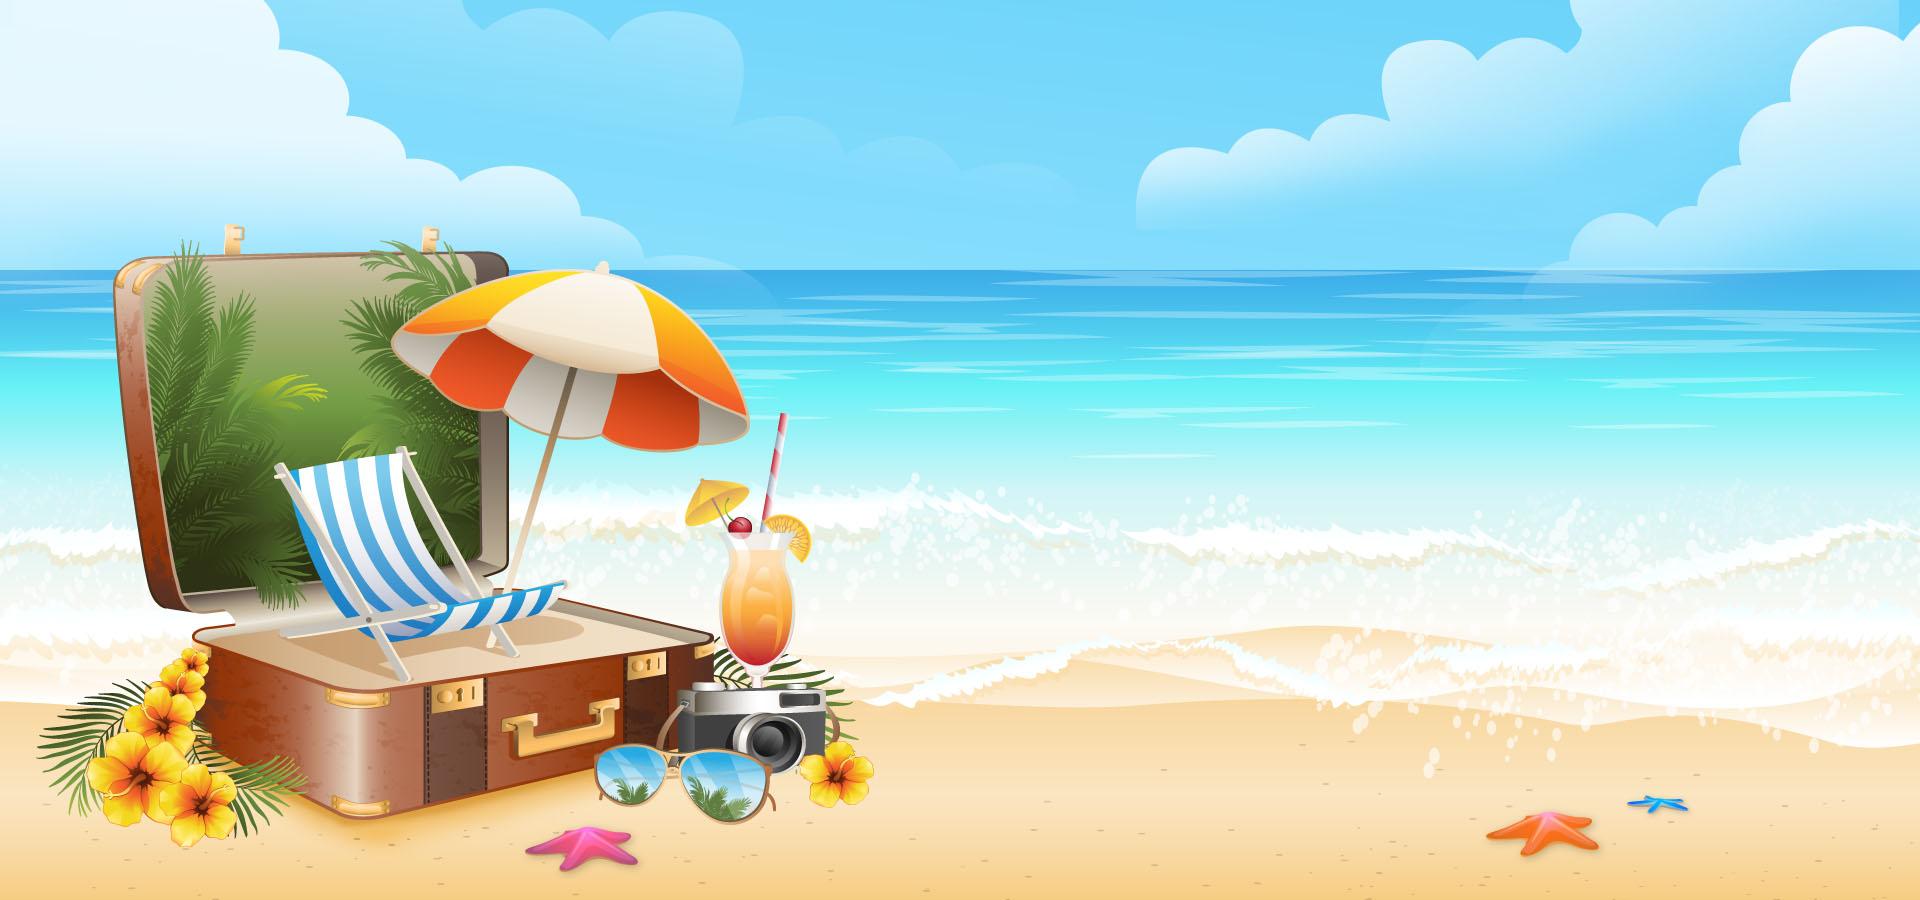 summer summer poster background  summer  midsummer  fun